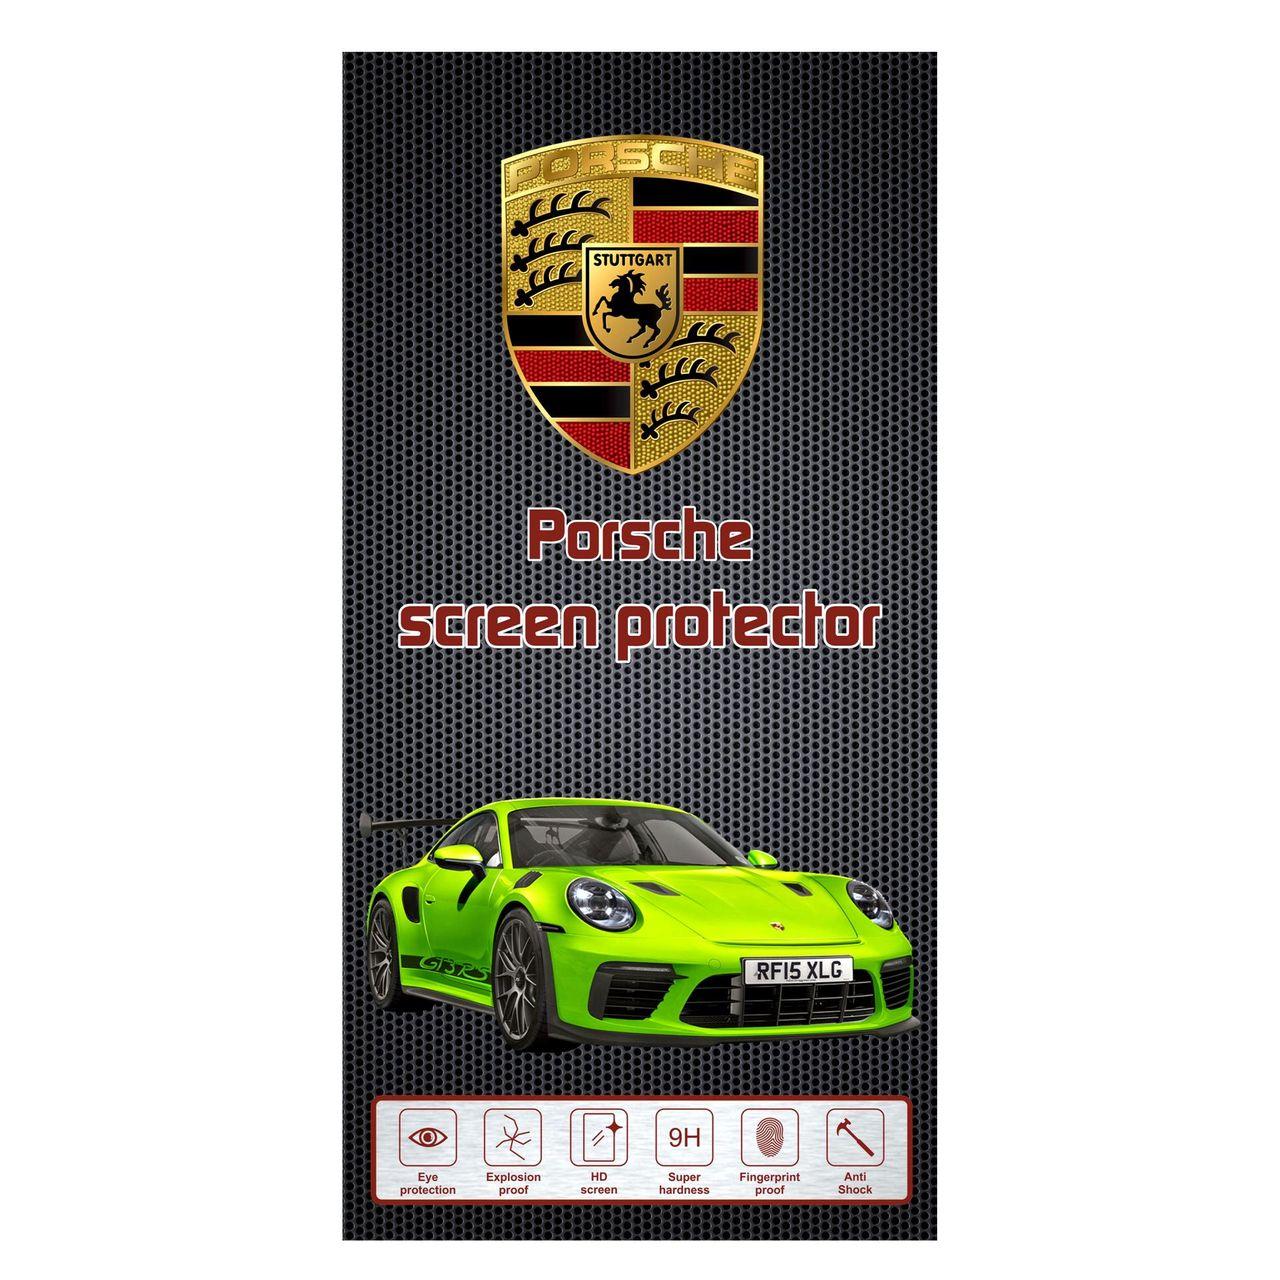 محافظ صفحه نمایش مدل Porsche مناسب برای گوشی موبایل هوآوی Honor 8